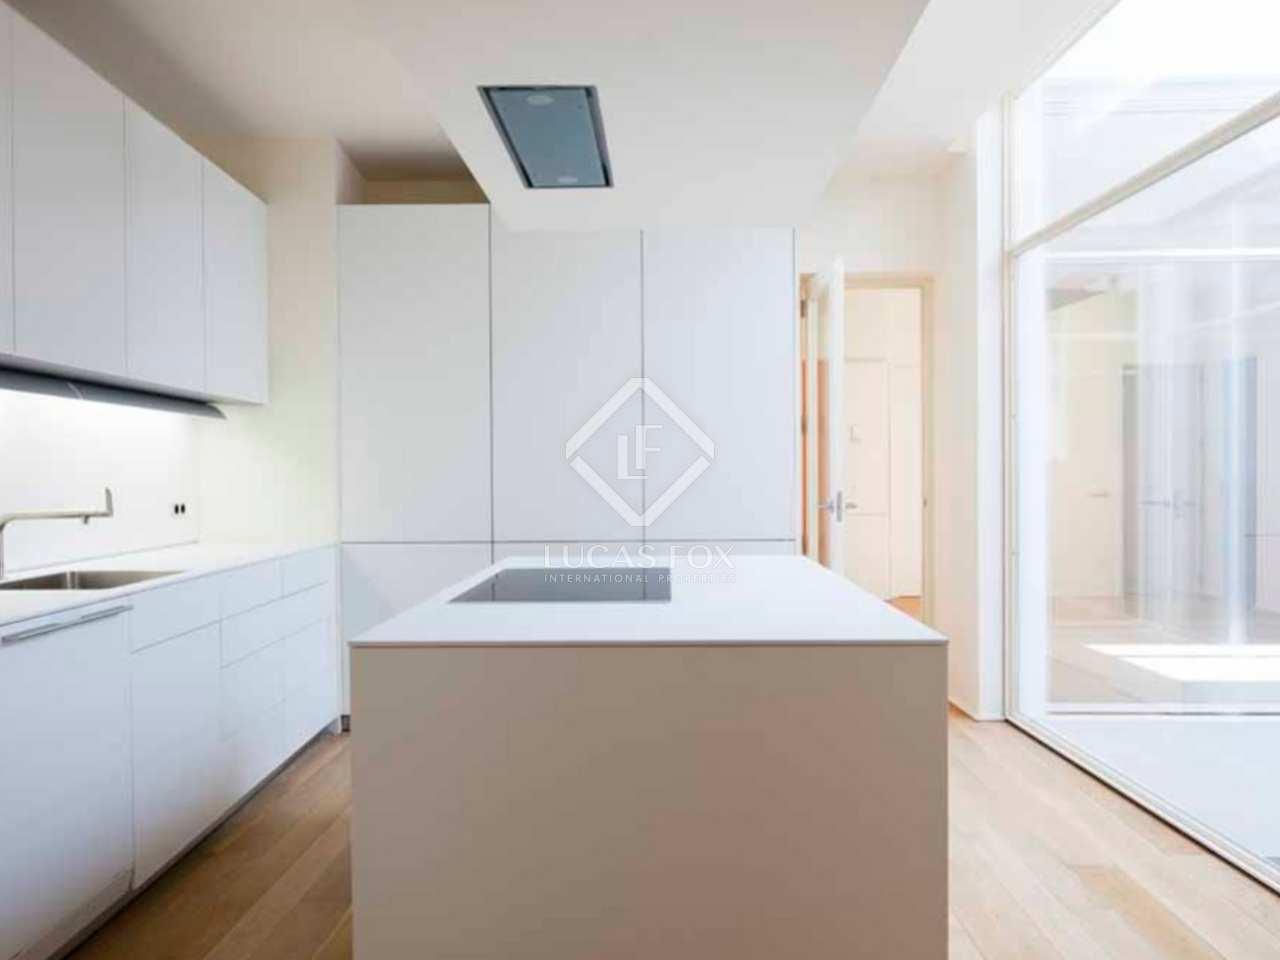 Penthouse Wohnung zum Verkauf im Zentrum von Palma, Mallorca.